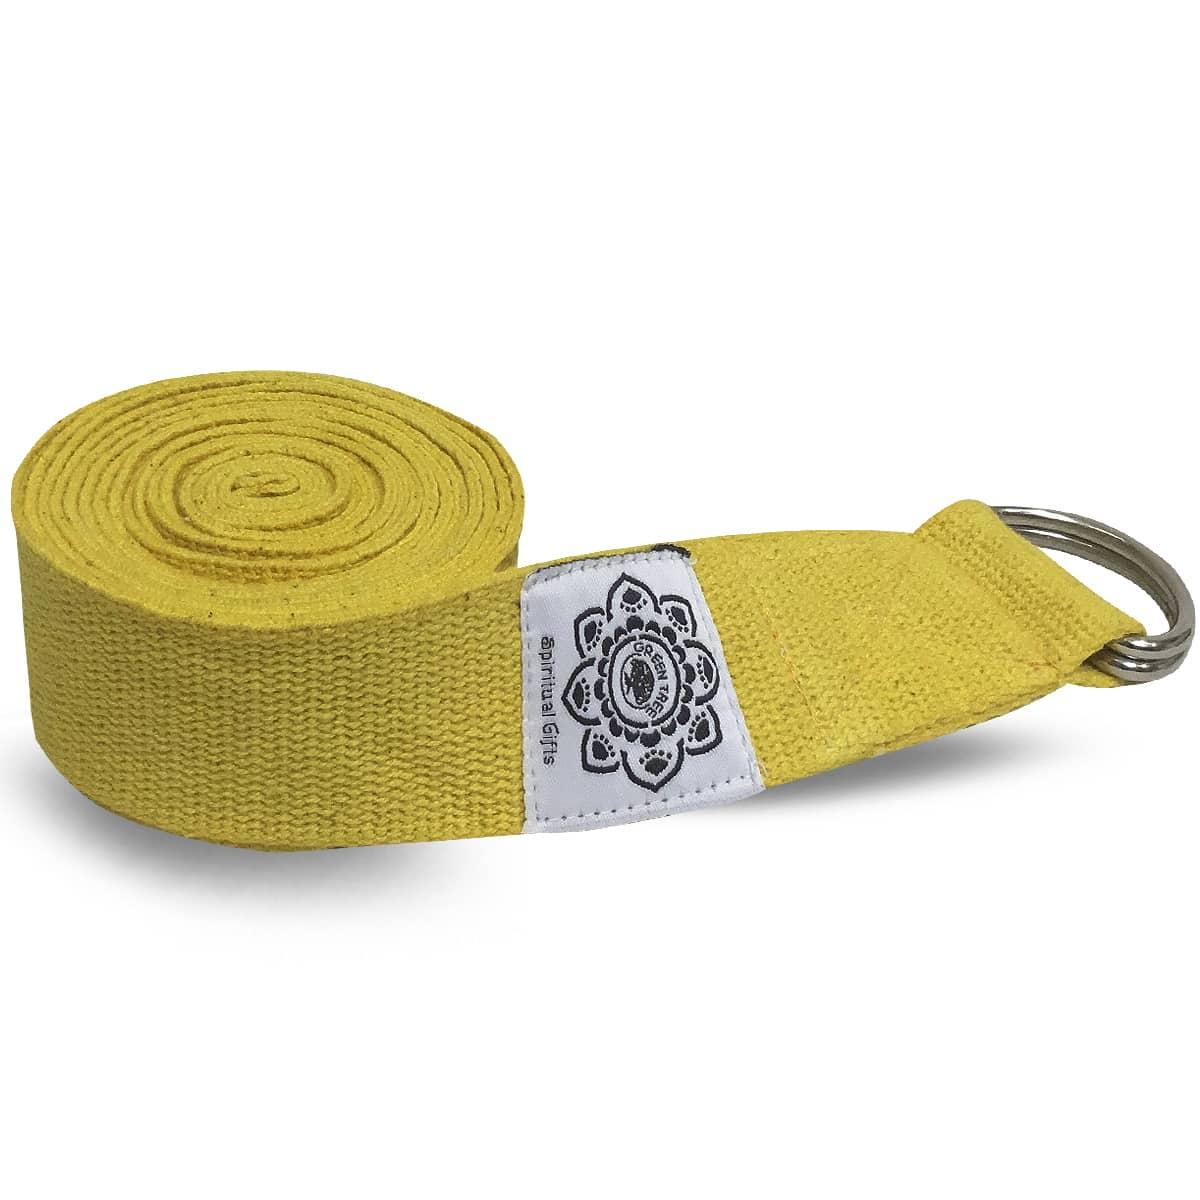 Spiru Katoenen Yoga Riem Geel met D-Ring - 270 cm